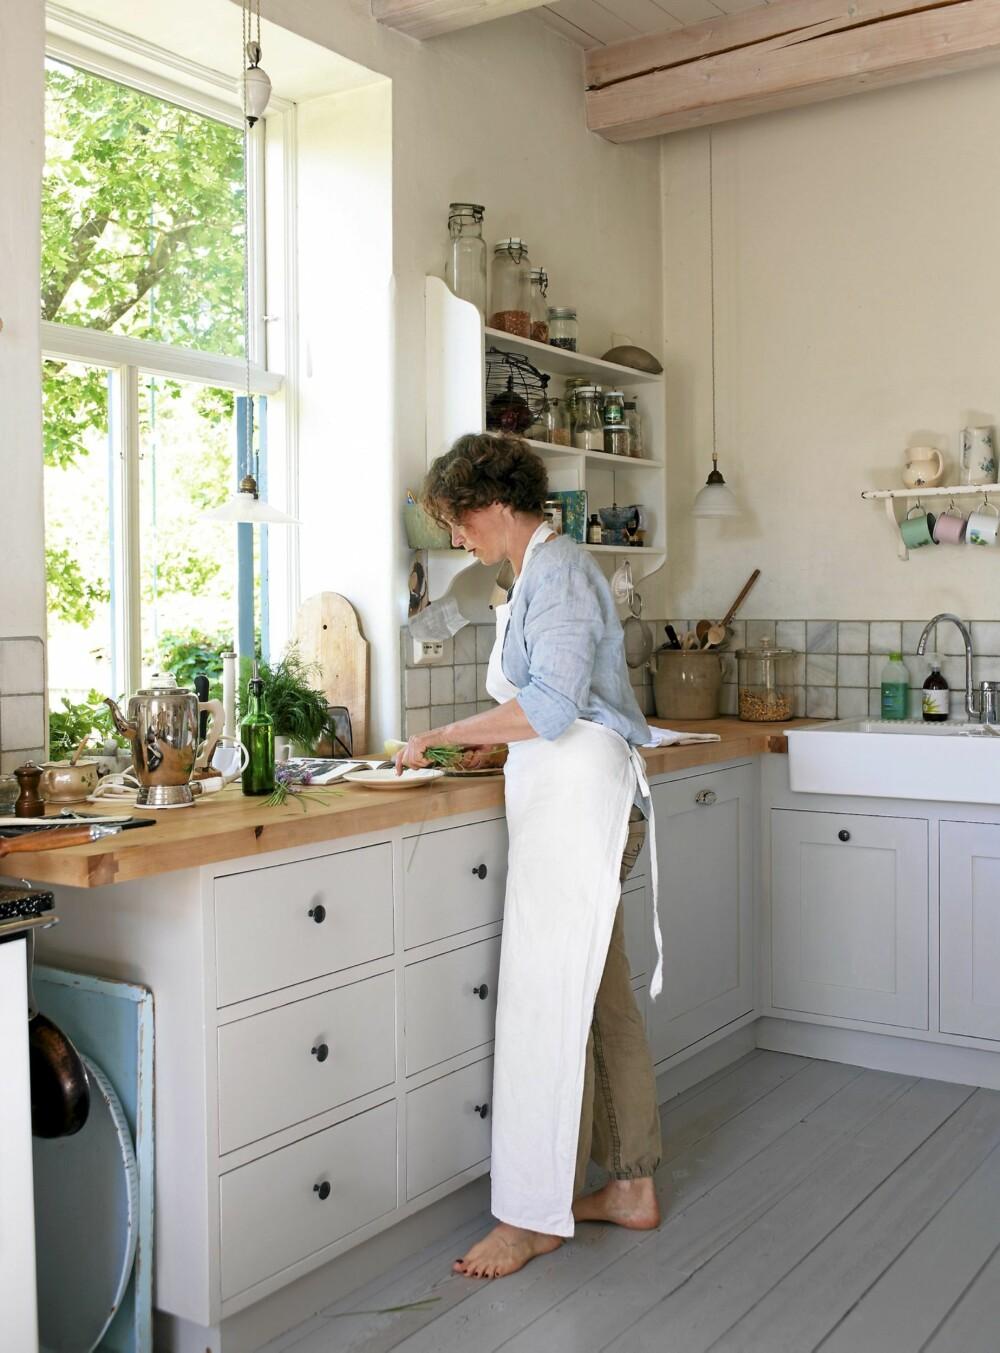 HOVEDROMMET: Kjøkkenet er husets hjerte. På den solide arbeidsbenken lager Camilla Jensen retter til familien og for kokebøker, for tiden hoder hun på med en frokostbok. Kjøkkeninnredningen har mannen snekret, før den kom på plass brukte de gamle vinkasser. Vasken er fra Ikea.